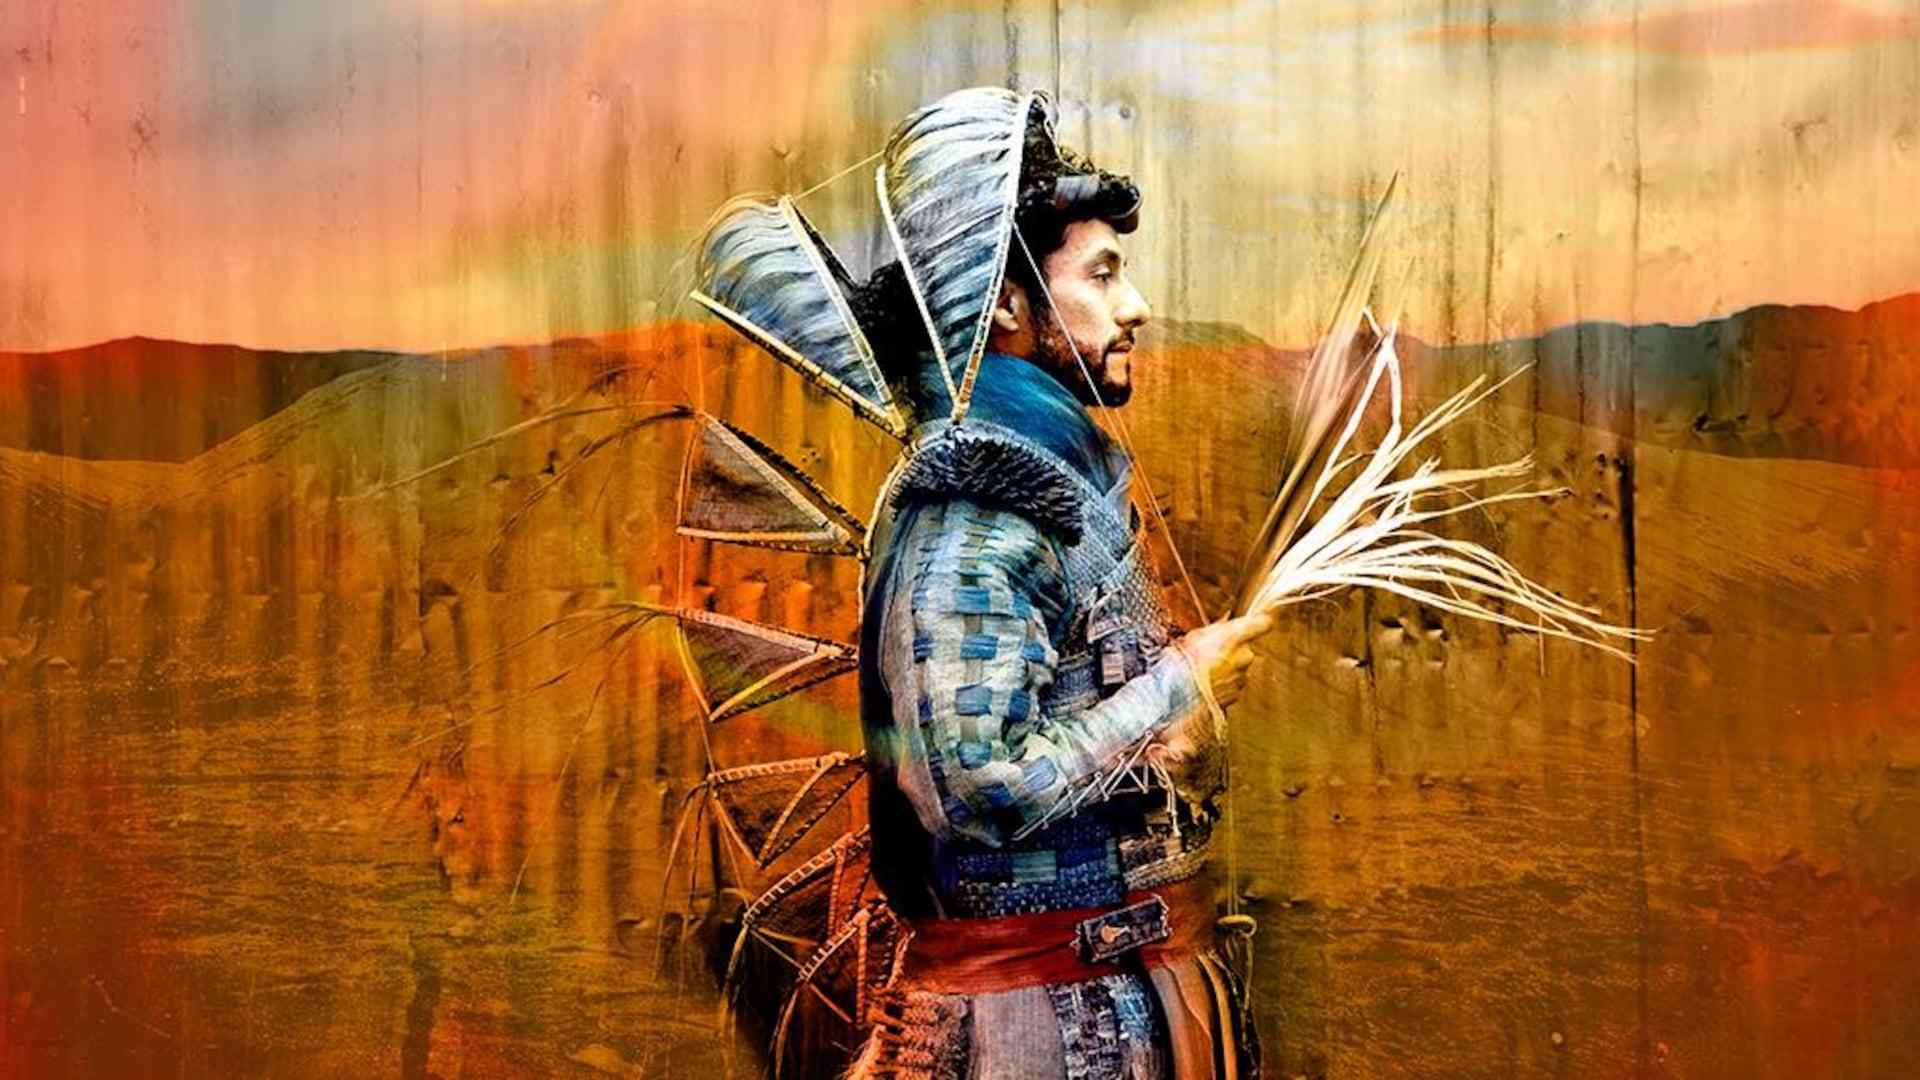 Illustration de Nicole Dextras représentant un homme vêtu d'un costume dont une partie qui peut couvrir la tête est rétractable.